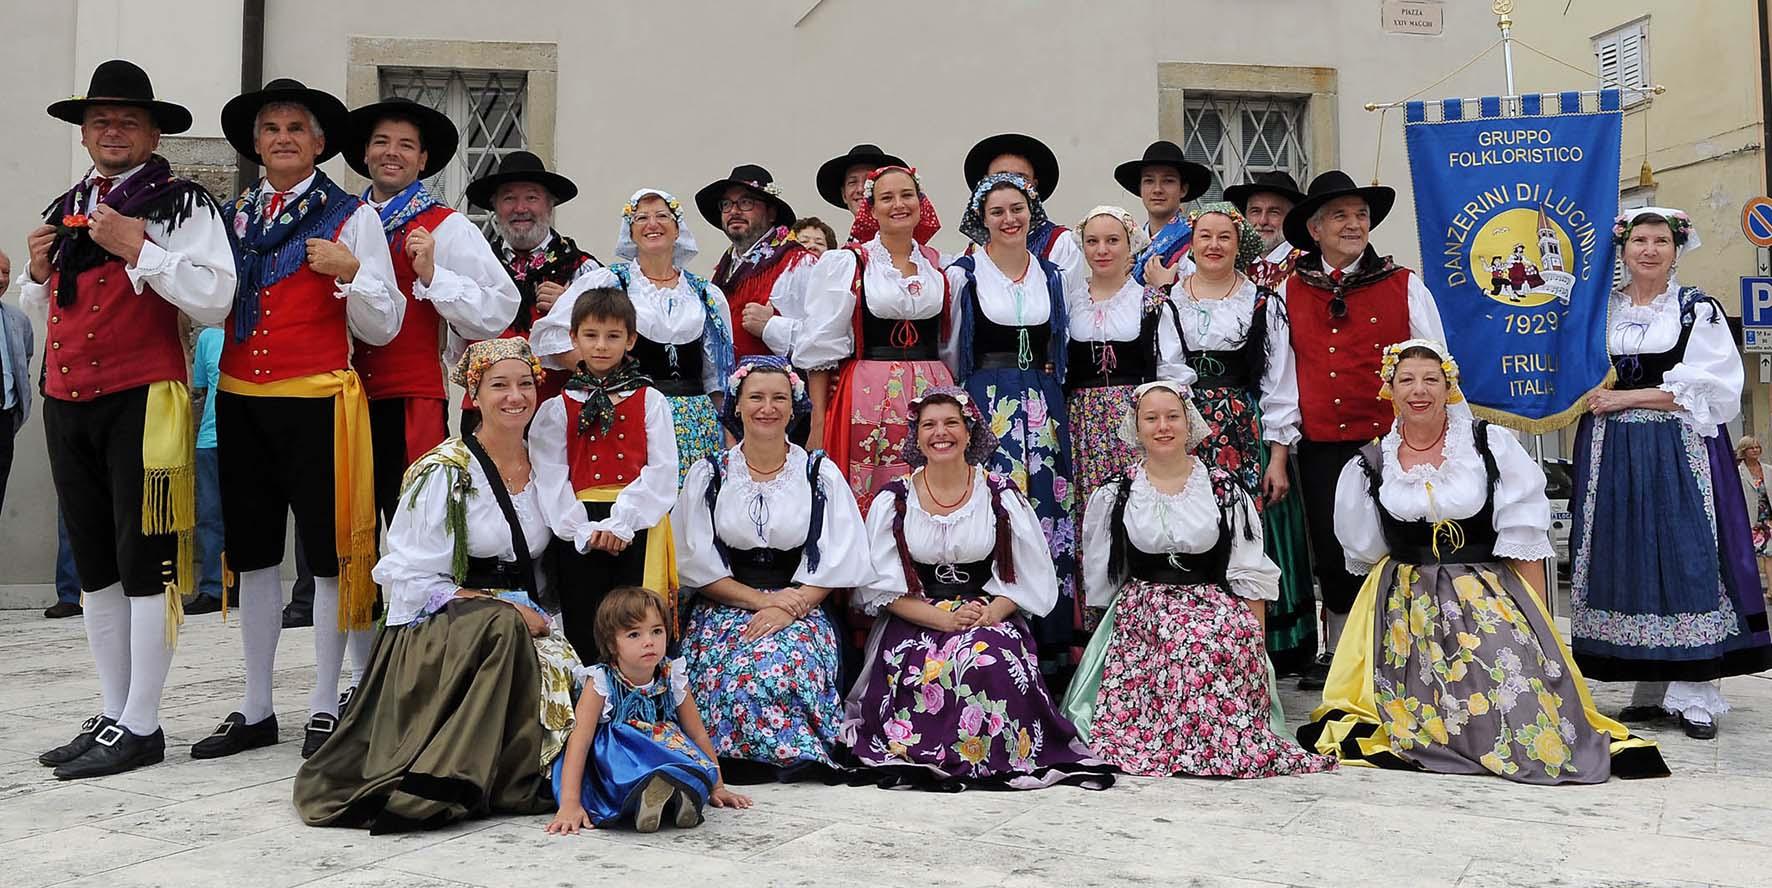 friulani nel mondo gruppo folkloristico